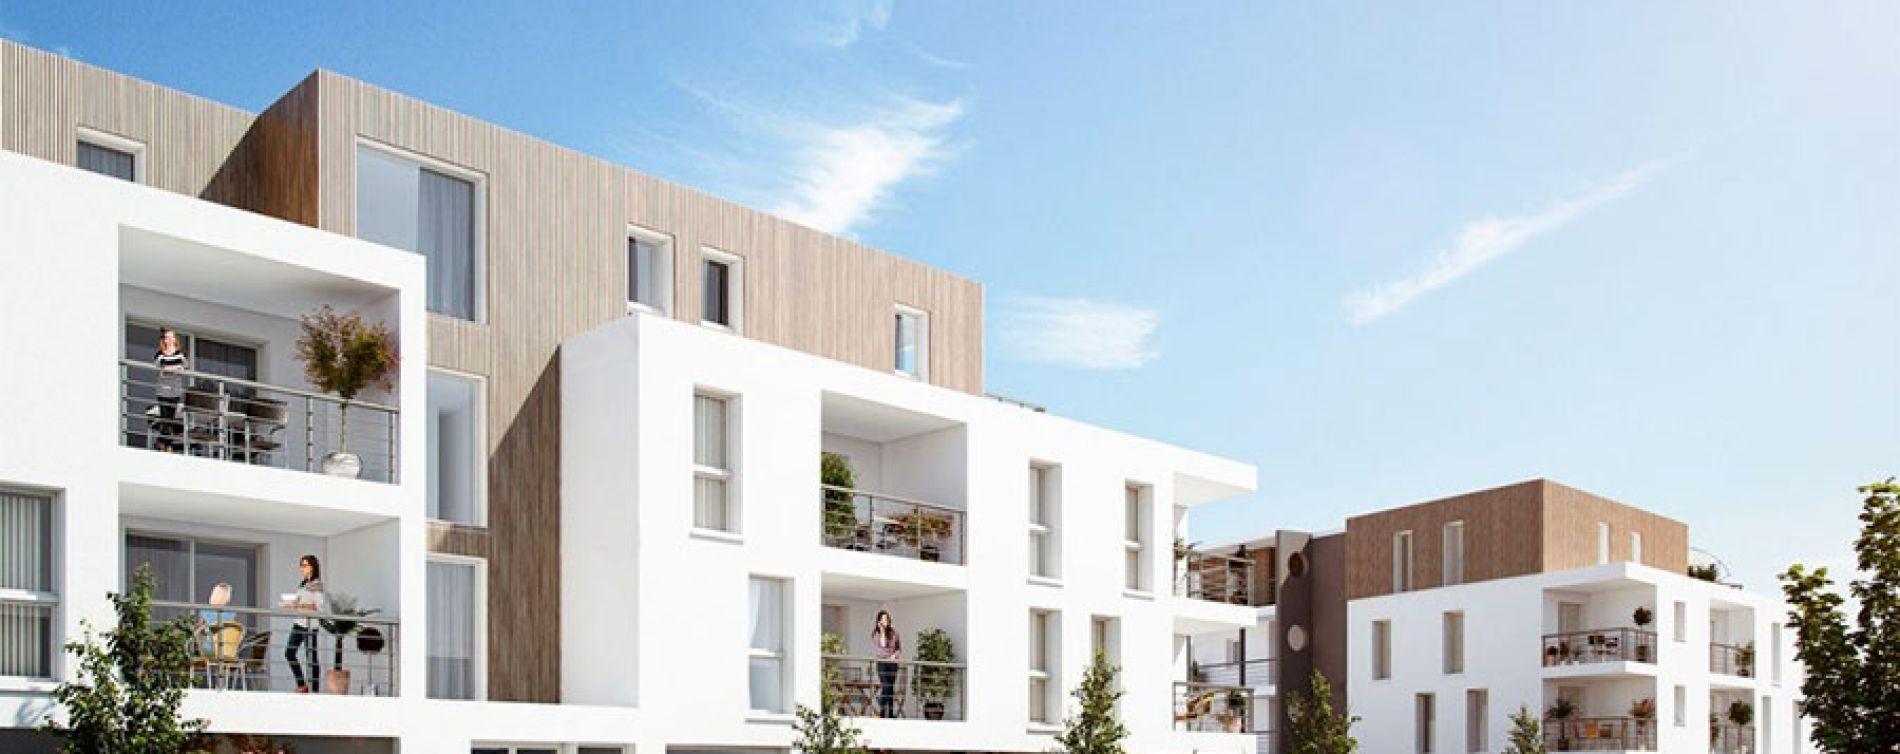 Résidence L'Atik - Appartements à Dax